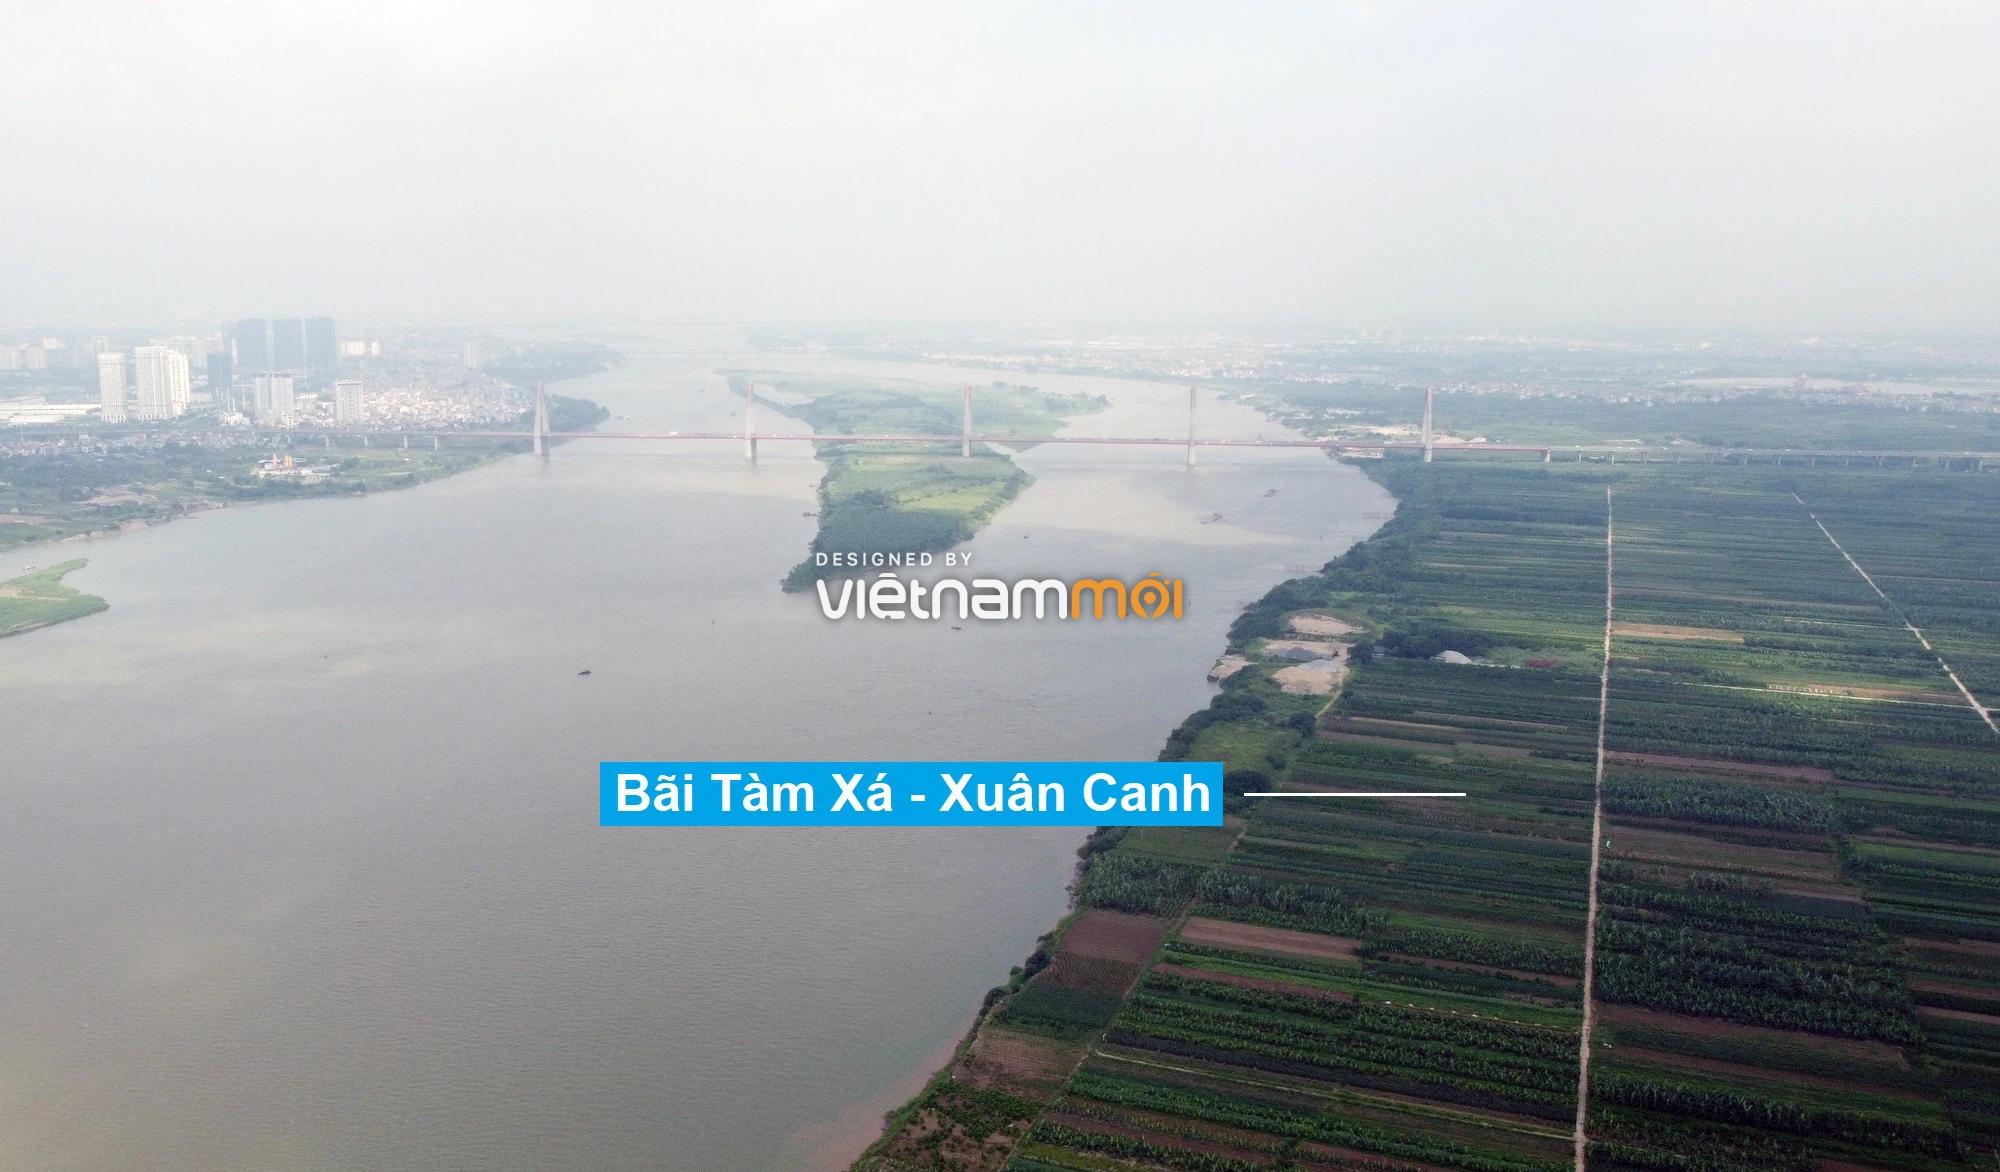 Hà Nội: Toàn cảnh hai bãi sông Hồng được phép xây dựng - Ảnh 6.